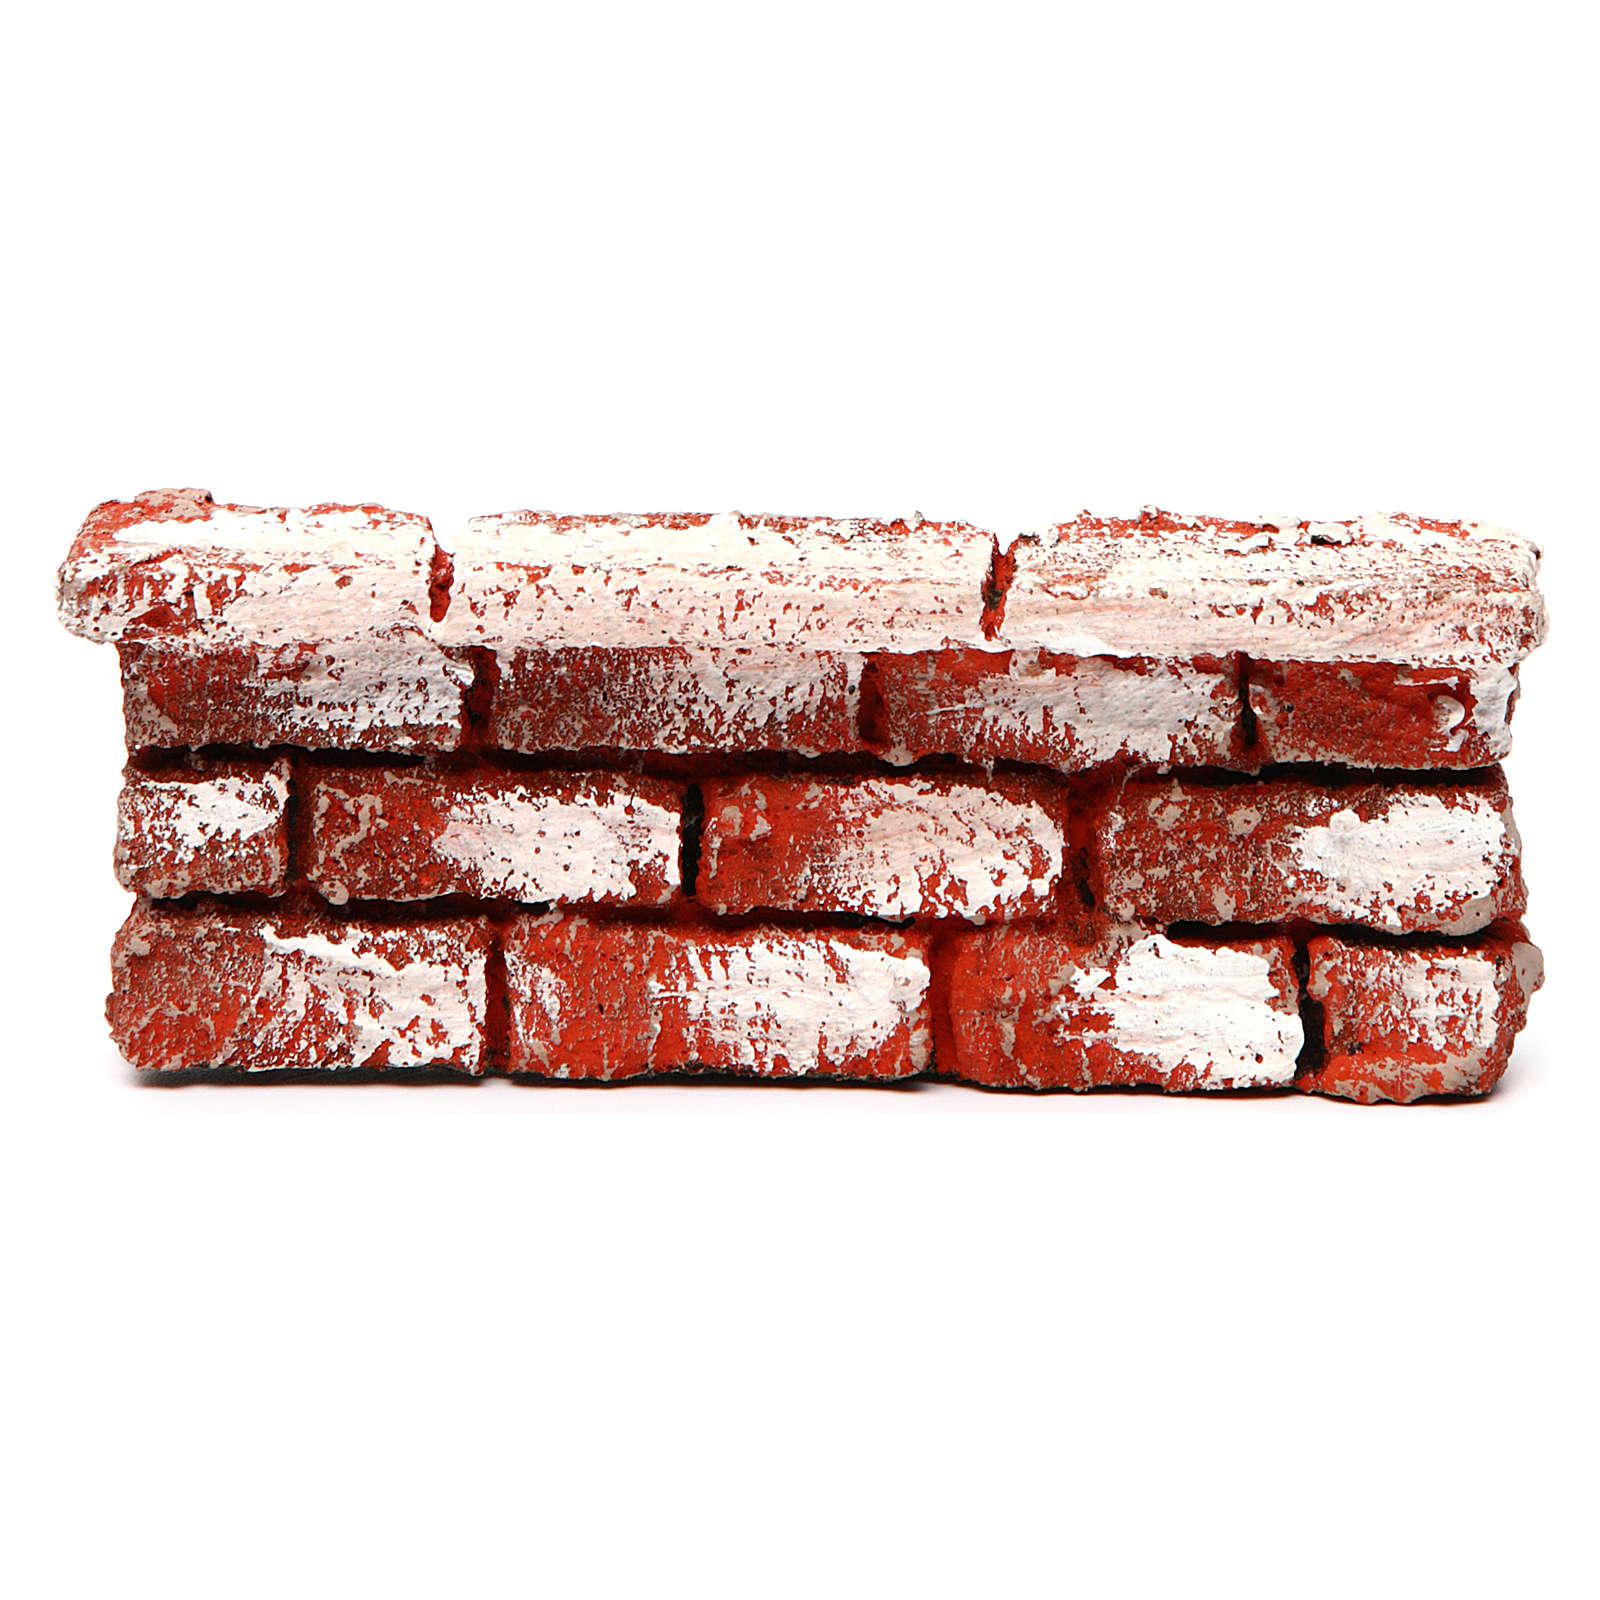 Mauerbrüstung, aus Polystyrol, farbig gefasst, 5x15x5 cm 4